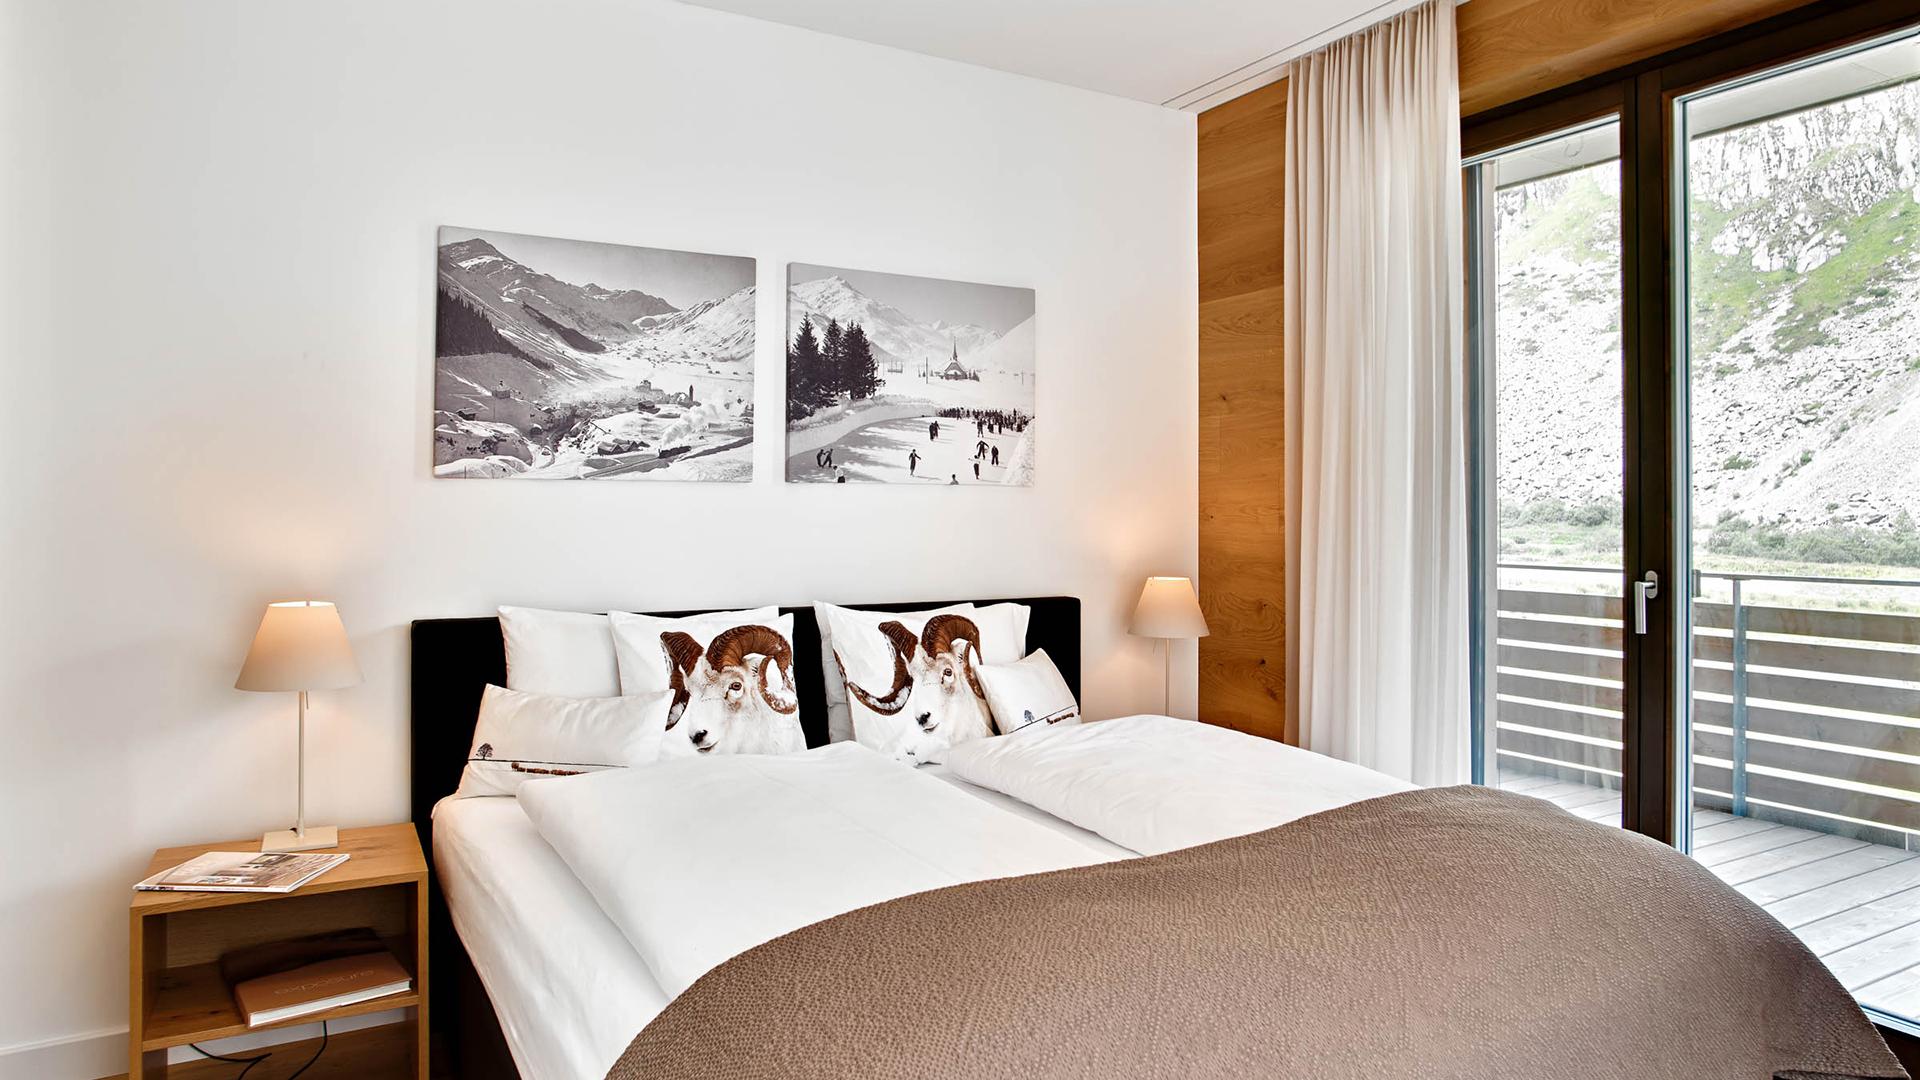 House Gemse Apartments, Switzerland